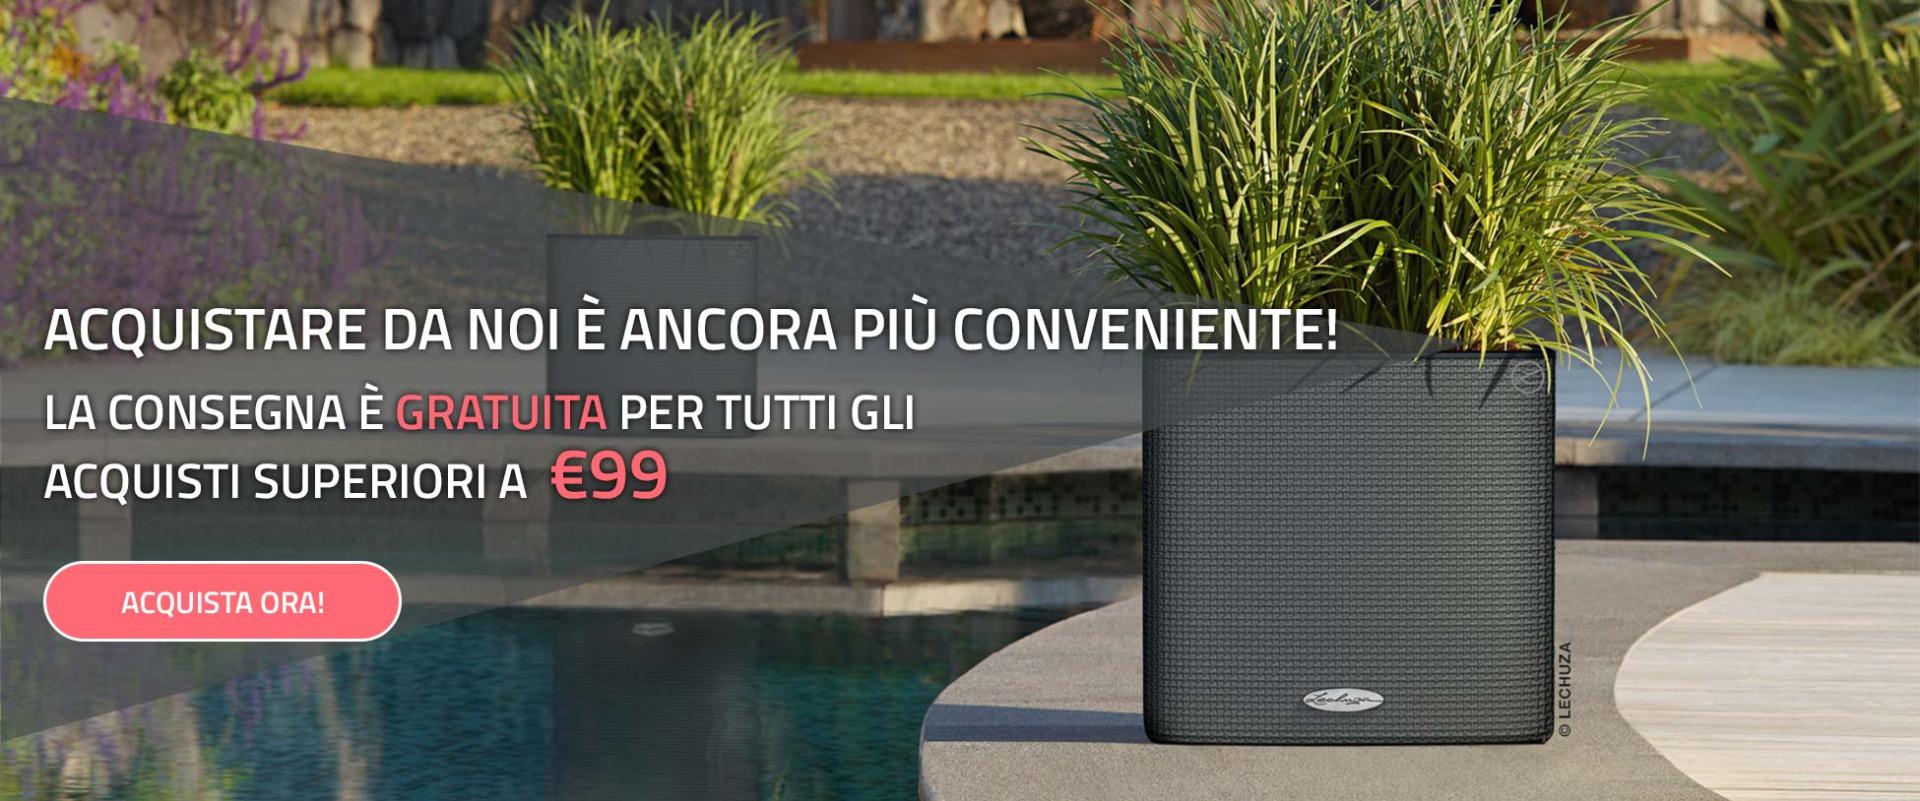 Best vasi per terrazzo prezzi pictures idee arredamento for Balconiere ikea